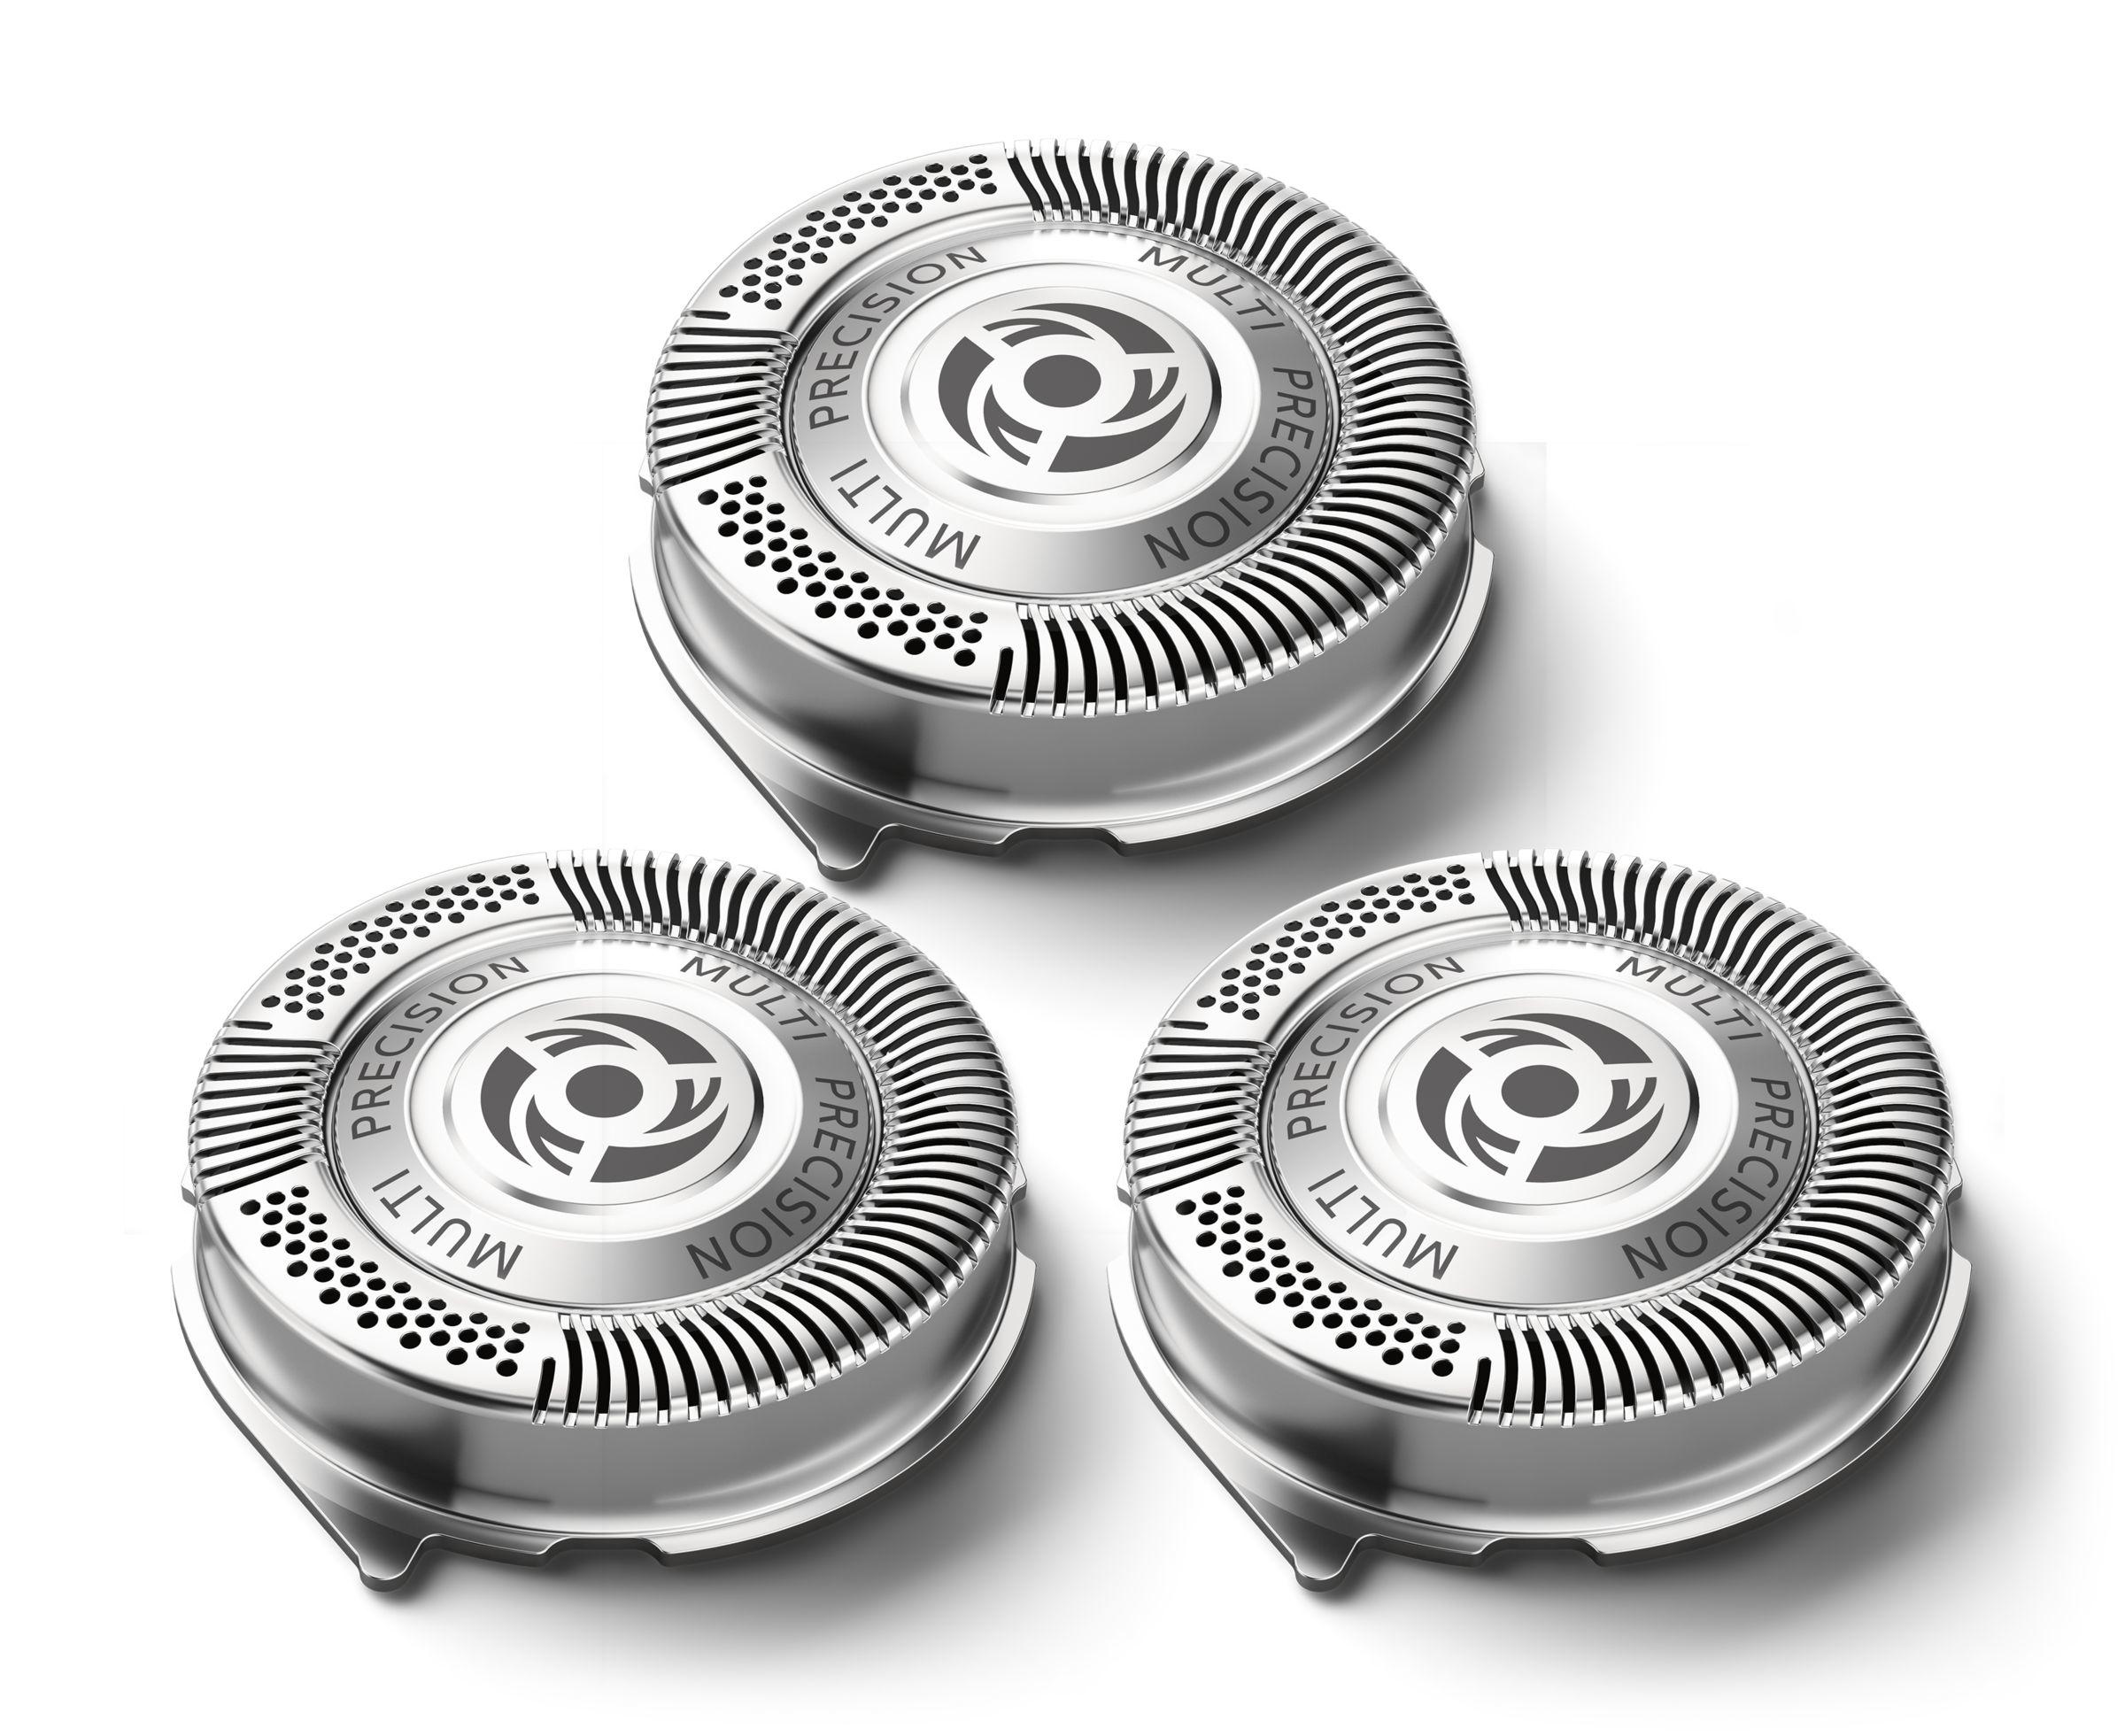 Al Ghandi Electronics Fan Control Harbor Breeze 600 Watt Black 3 Speed Rotary Ceiling Back